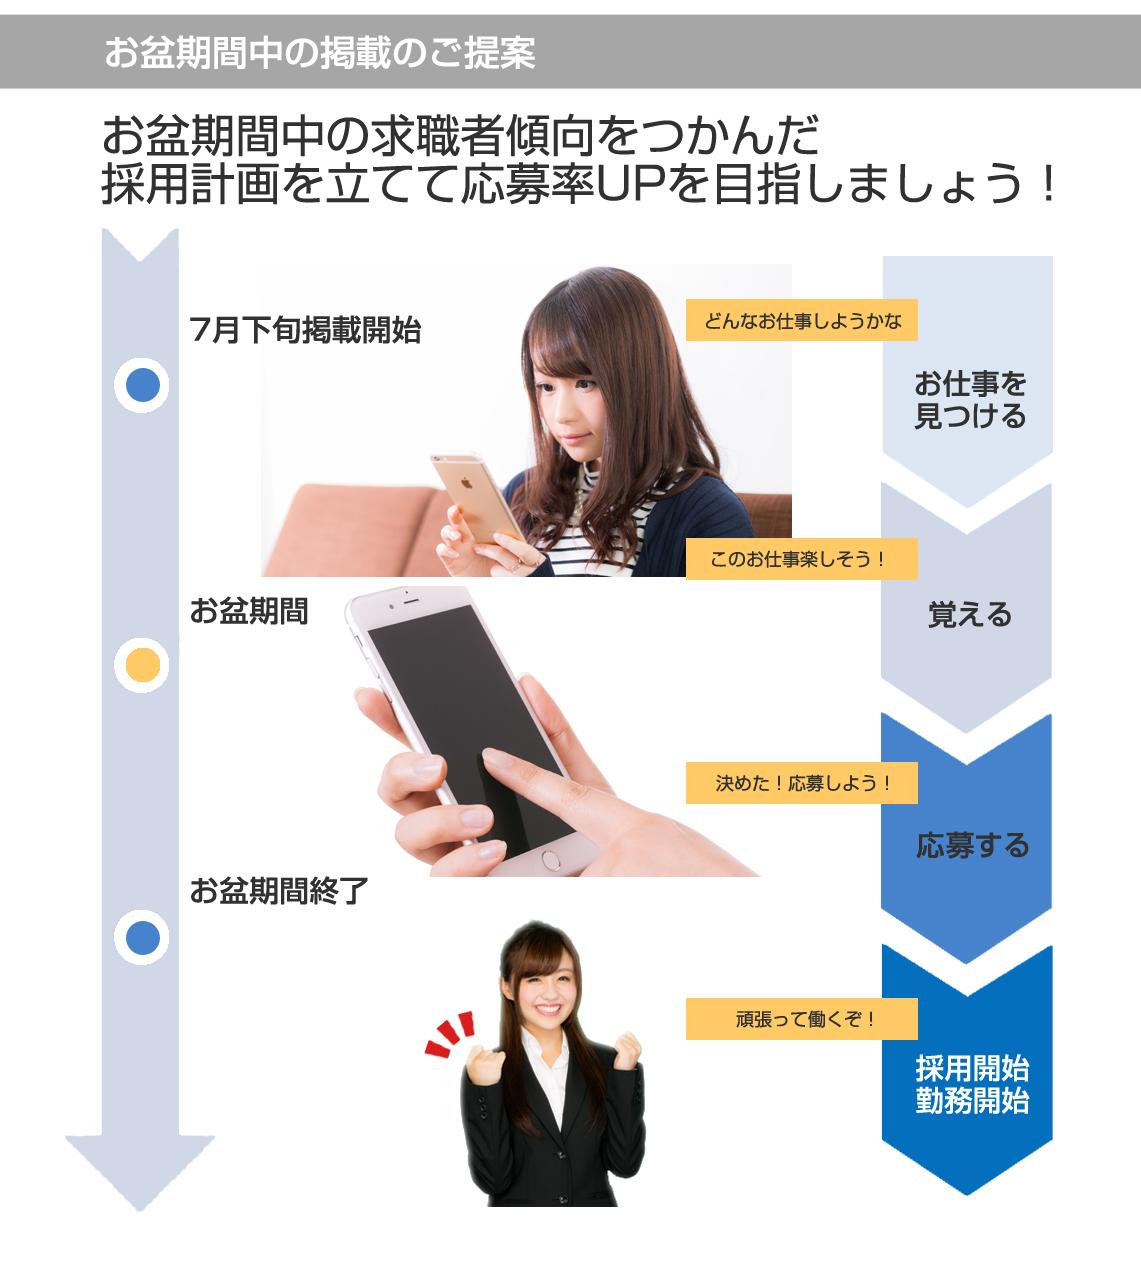 求人広告ドットコム 延長キャンペーン説明1